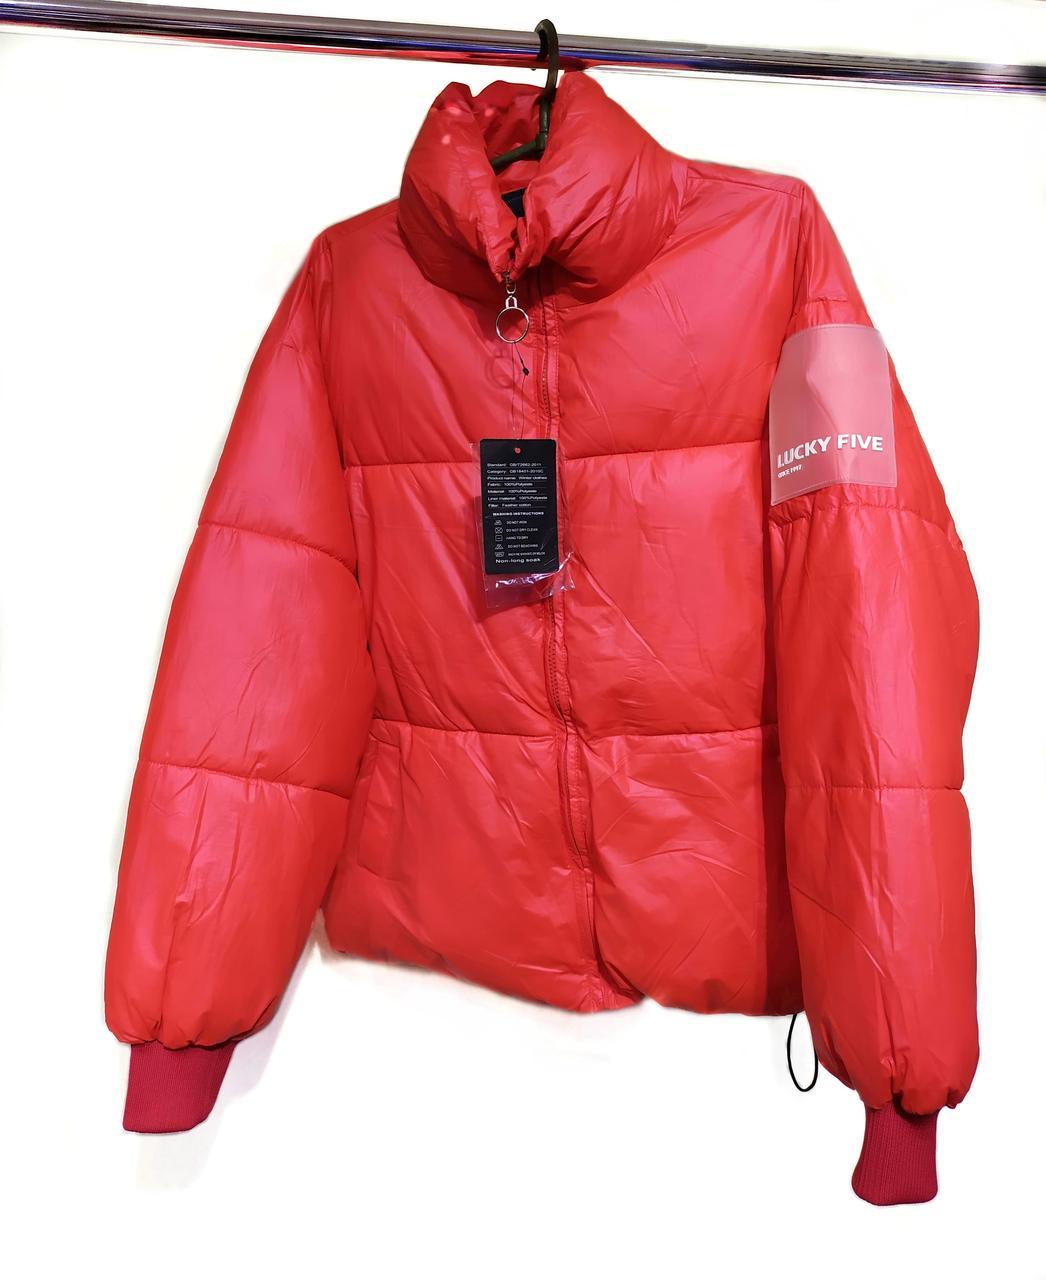 Куртка женская LUCKY FIVE, красная,  размер S, L